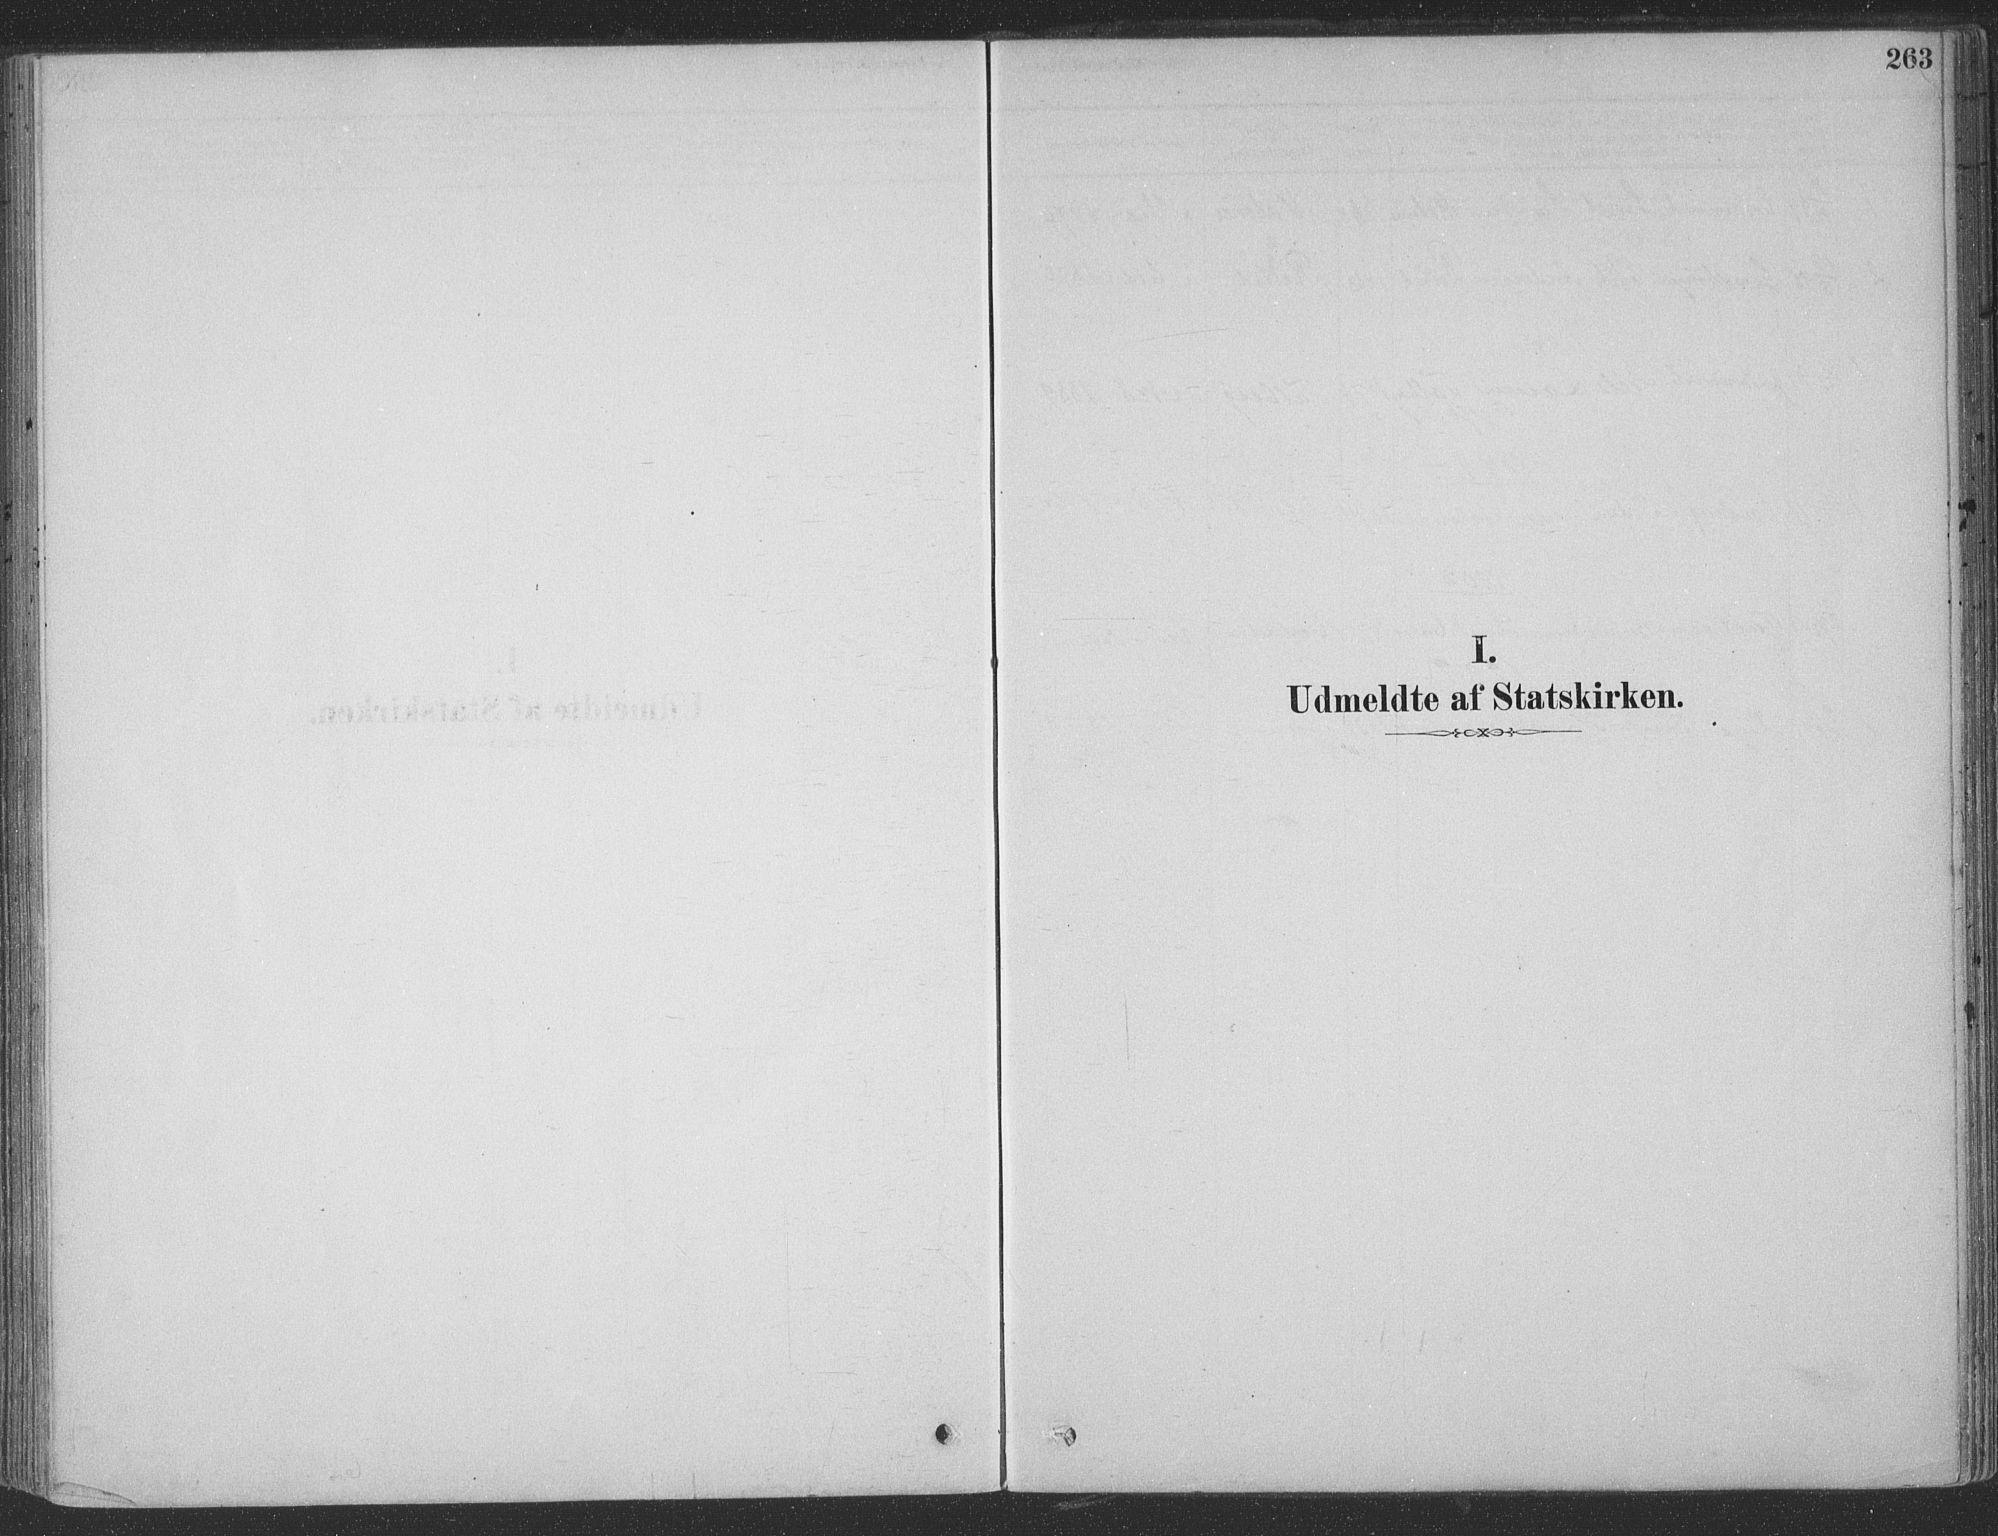 SAT, Ministerialprotokoller, klokkerbøker og fødselsregistre - Møre og Romsdal, 547/L0604: Ministerialbok nr. 547A06, 1878-1906, s. 263